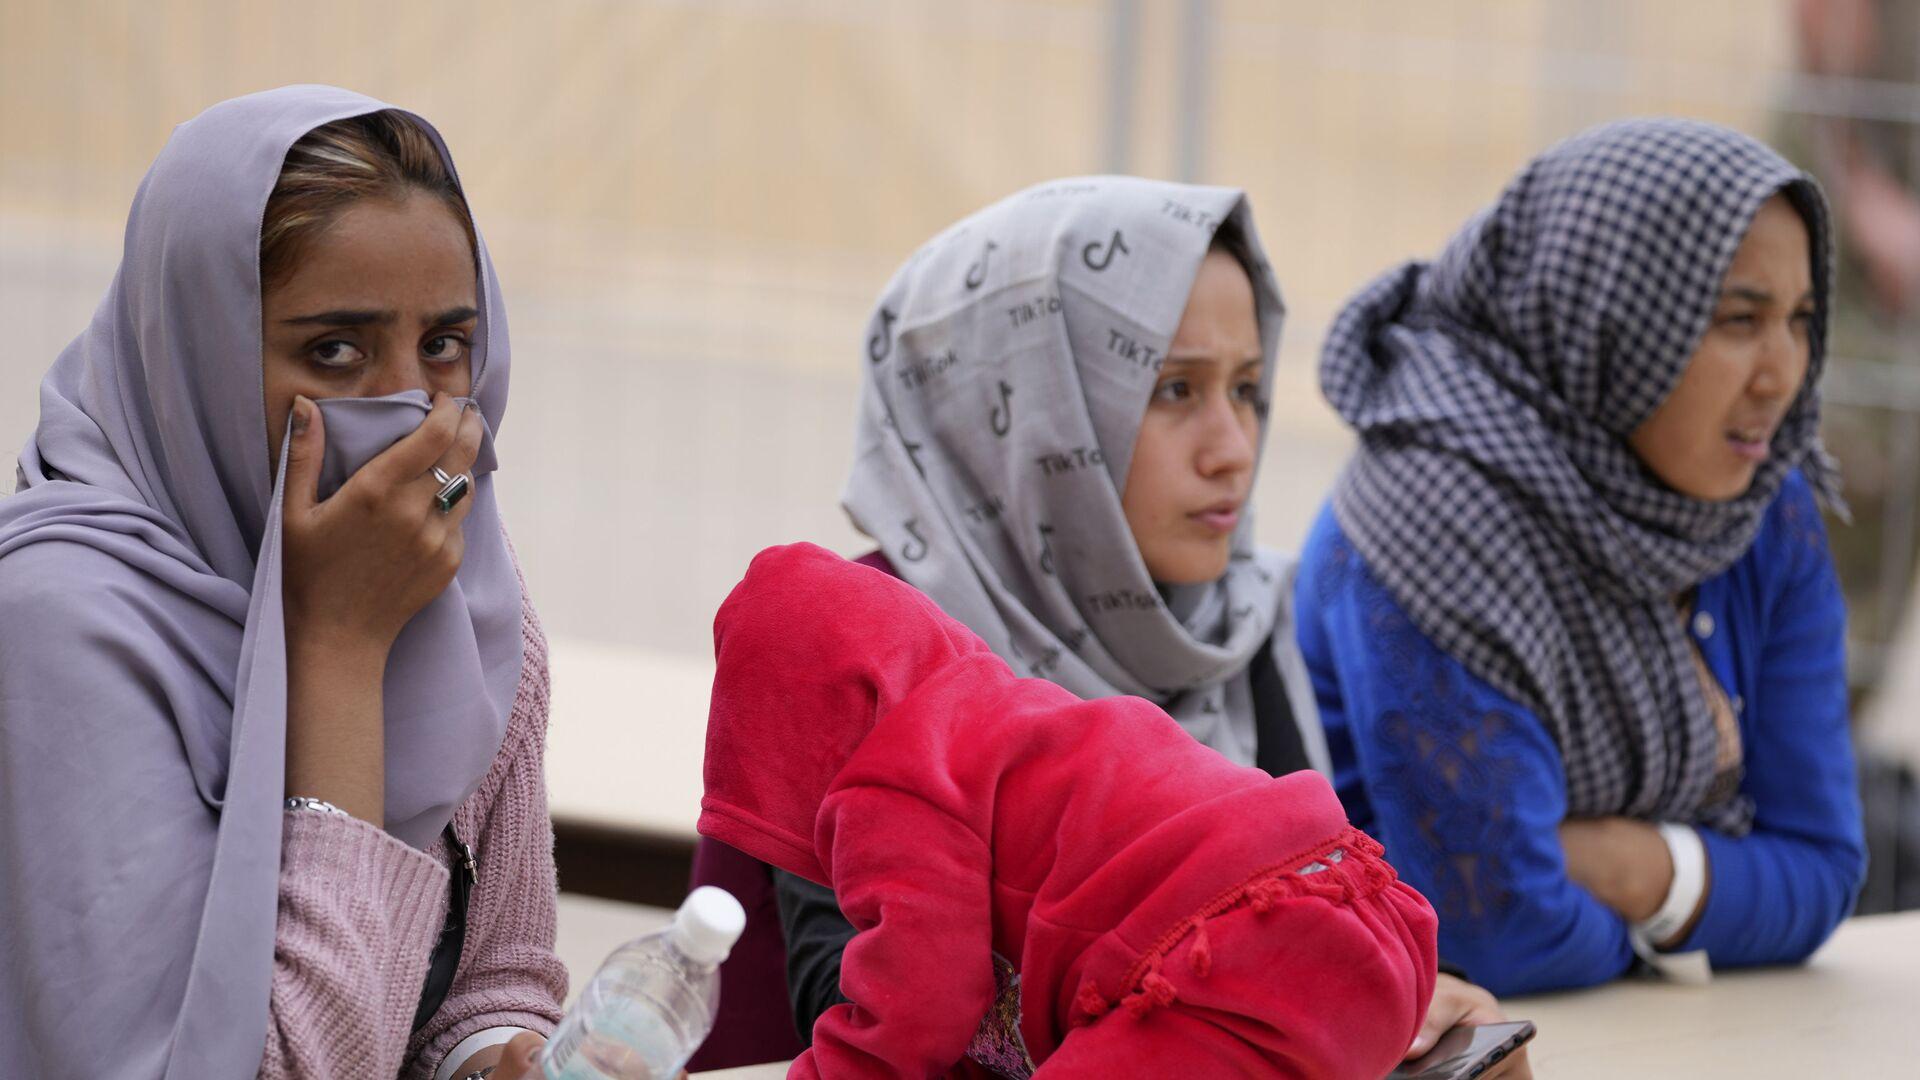 Афганские женщины на авиабазе Ramstein в Германии  - Sputnik Тоҷикистон, 1920, 19.09.2021